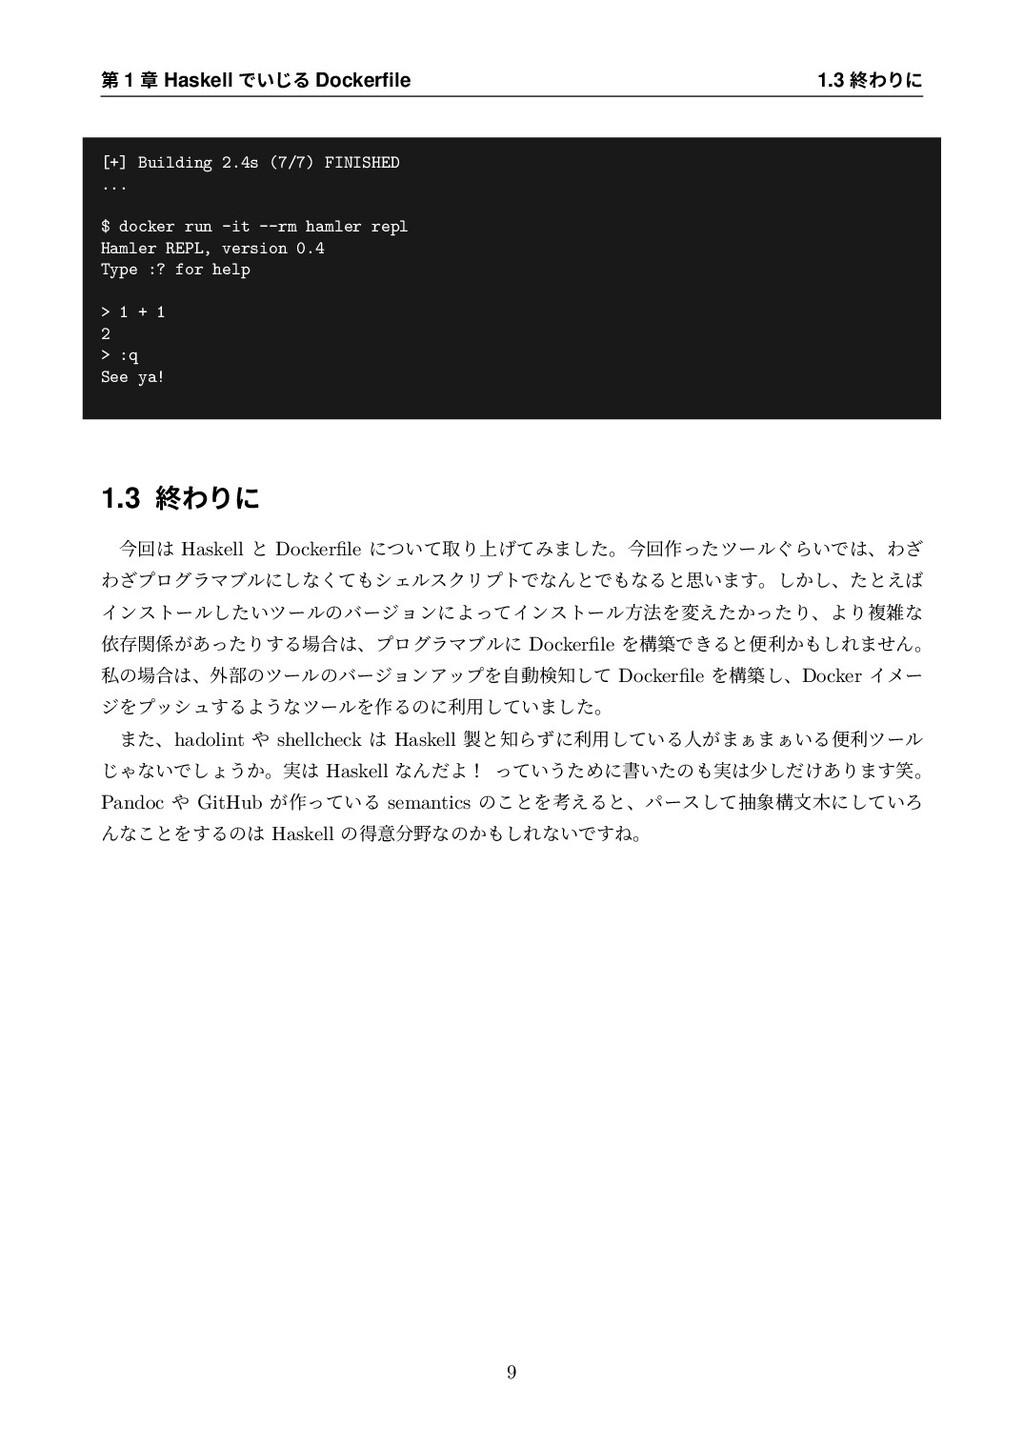 ୈ 1 ষ Haskell Ͱ͍͡Δ Dockerfile 1.3 ऴΘΓʹ [+] Build...